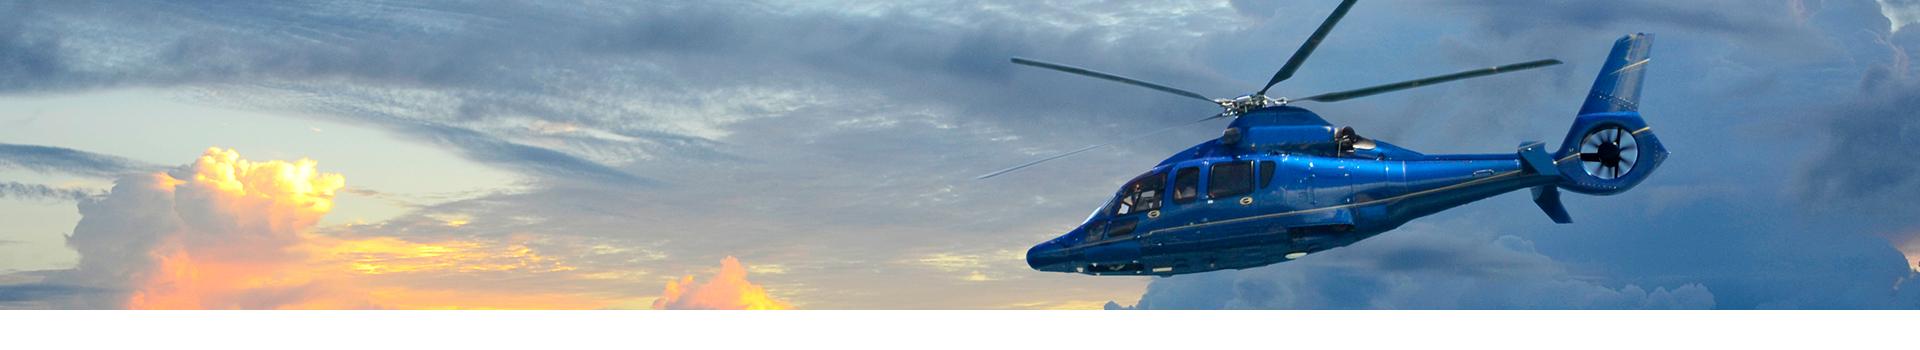 Helicopter bg